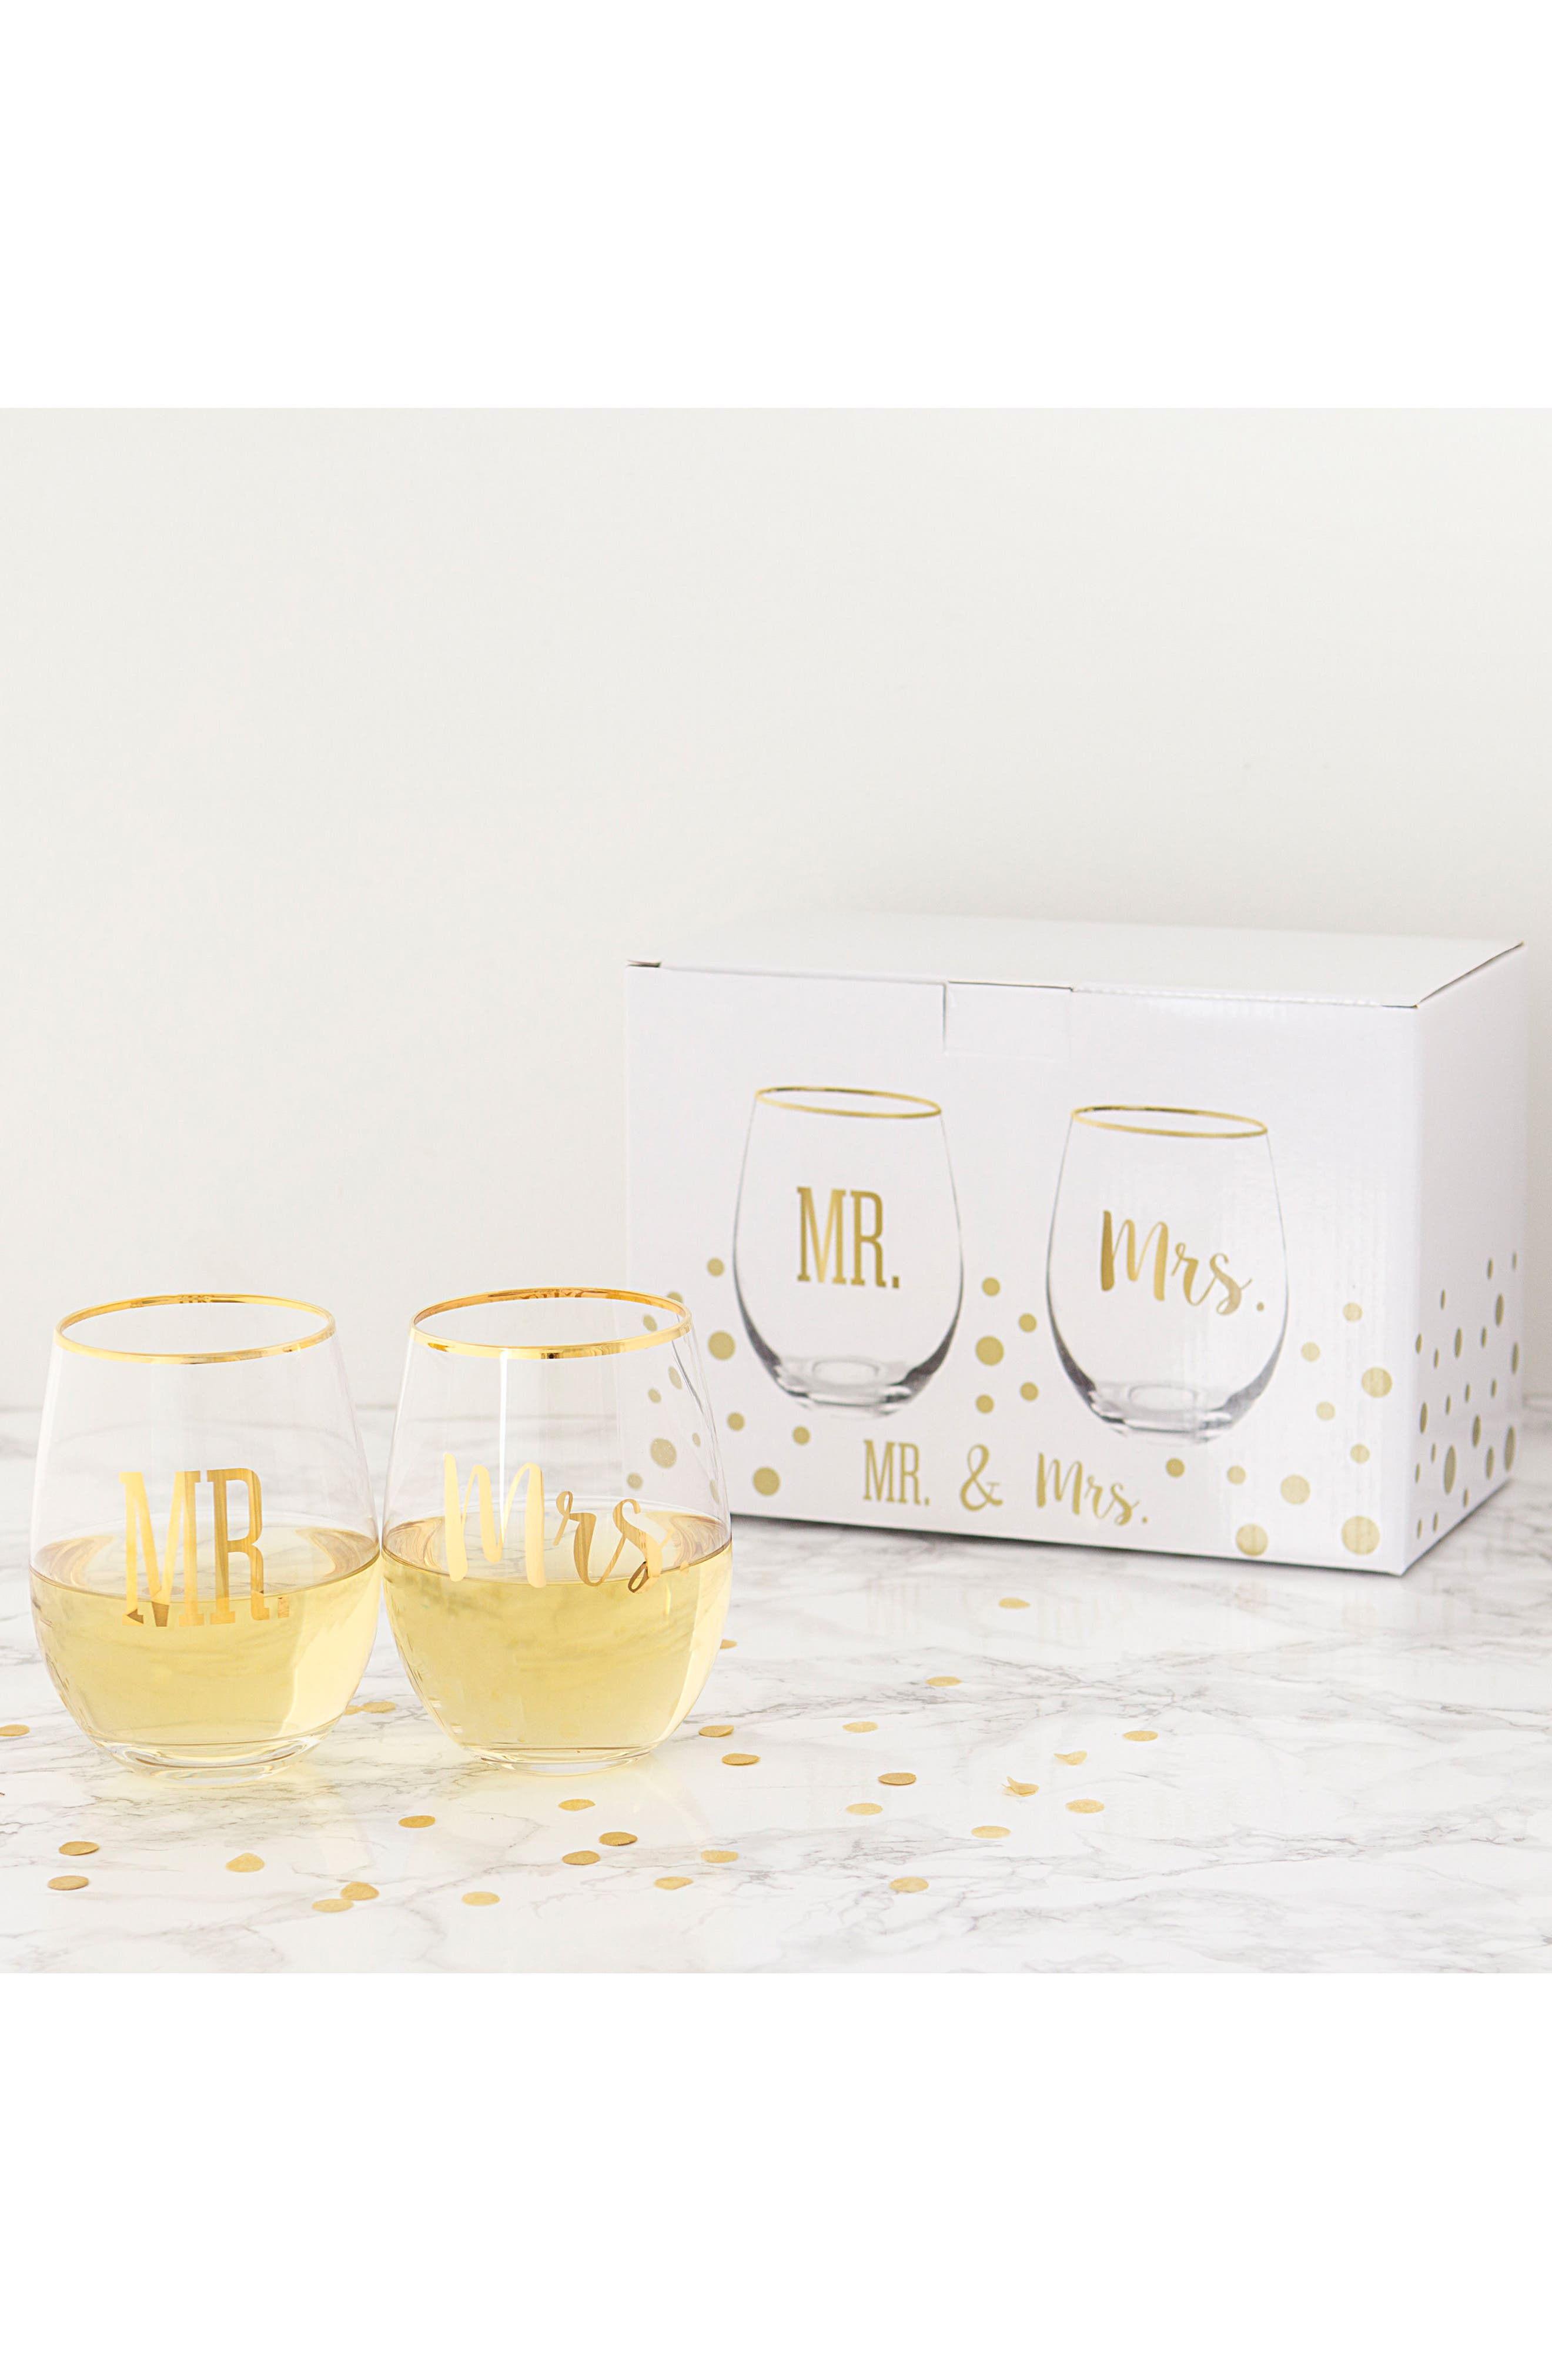 Mr. & Mrs. Set of 2 Stemless Wine Glasses,                             Alternate thumbnail 4, color,                             710